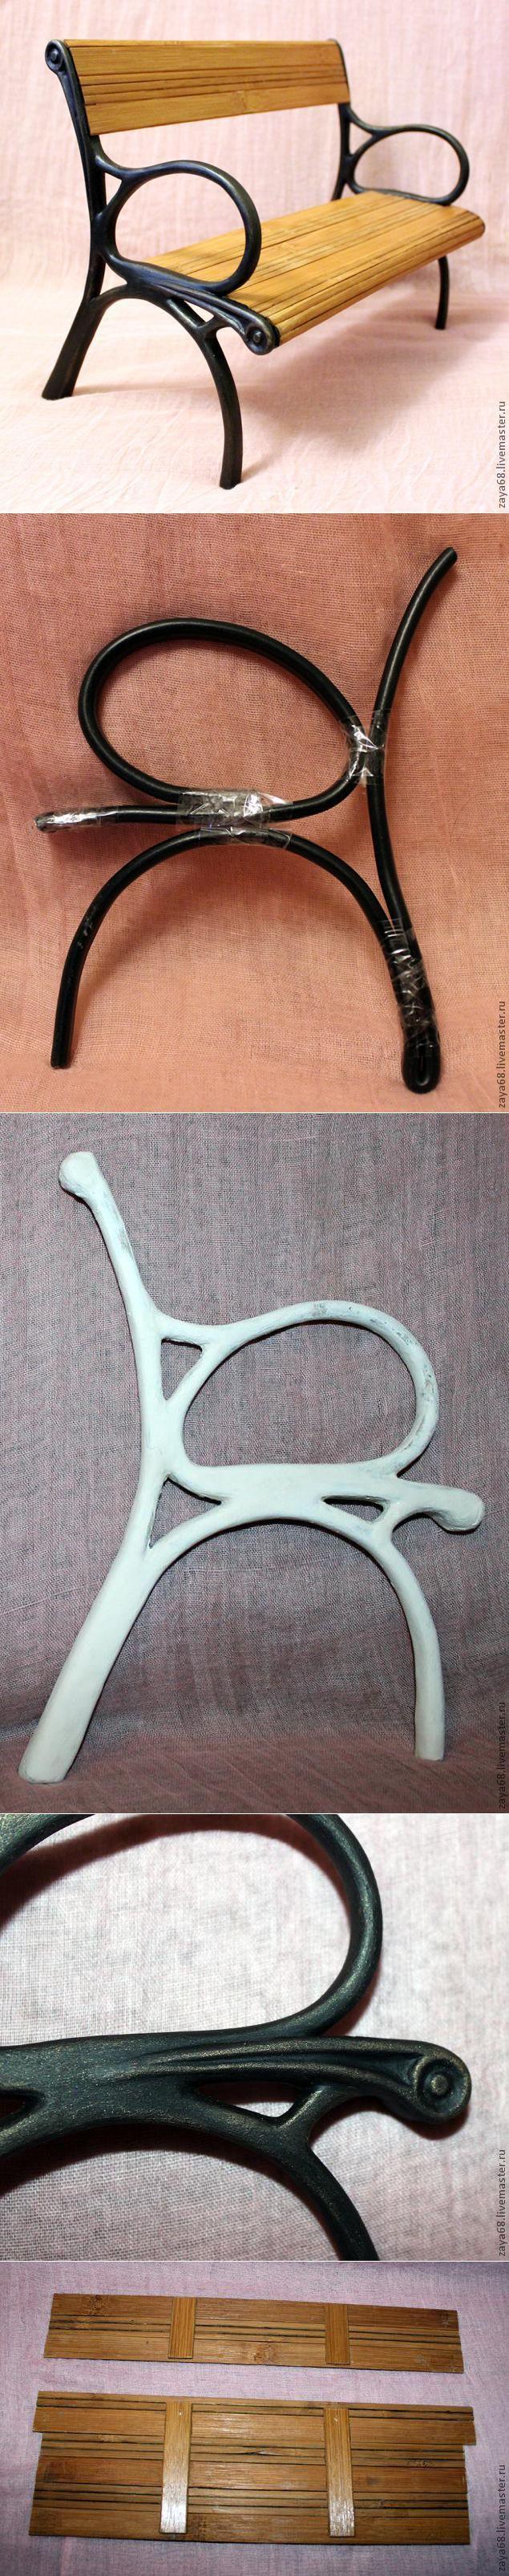 Скамейка для куклы своими руками. МК | Одежда, аксесуары для кукол | Постила